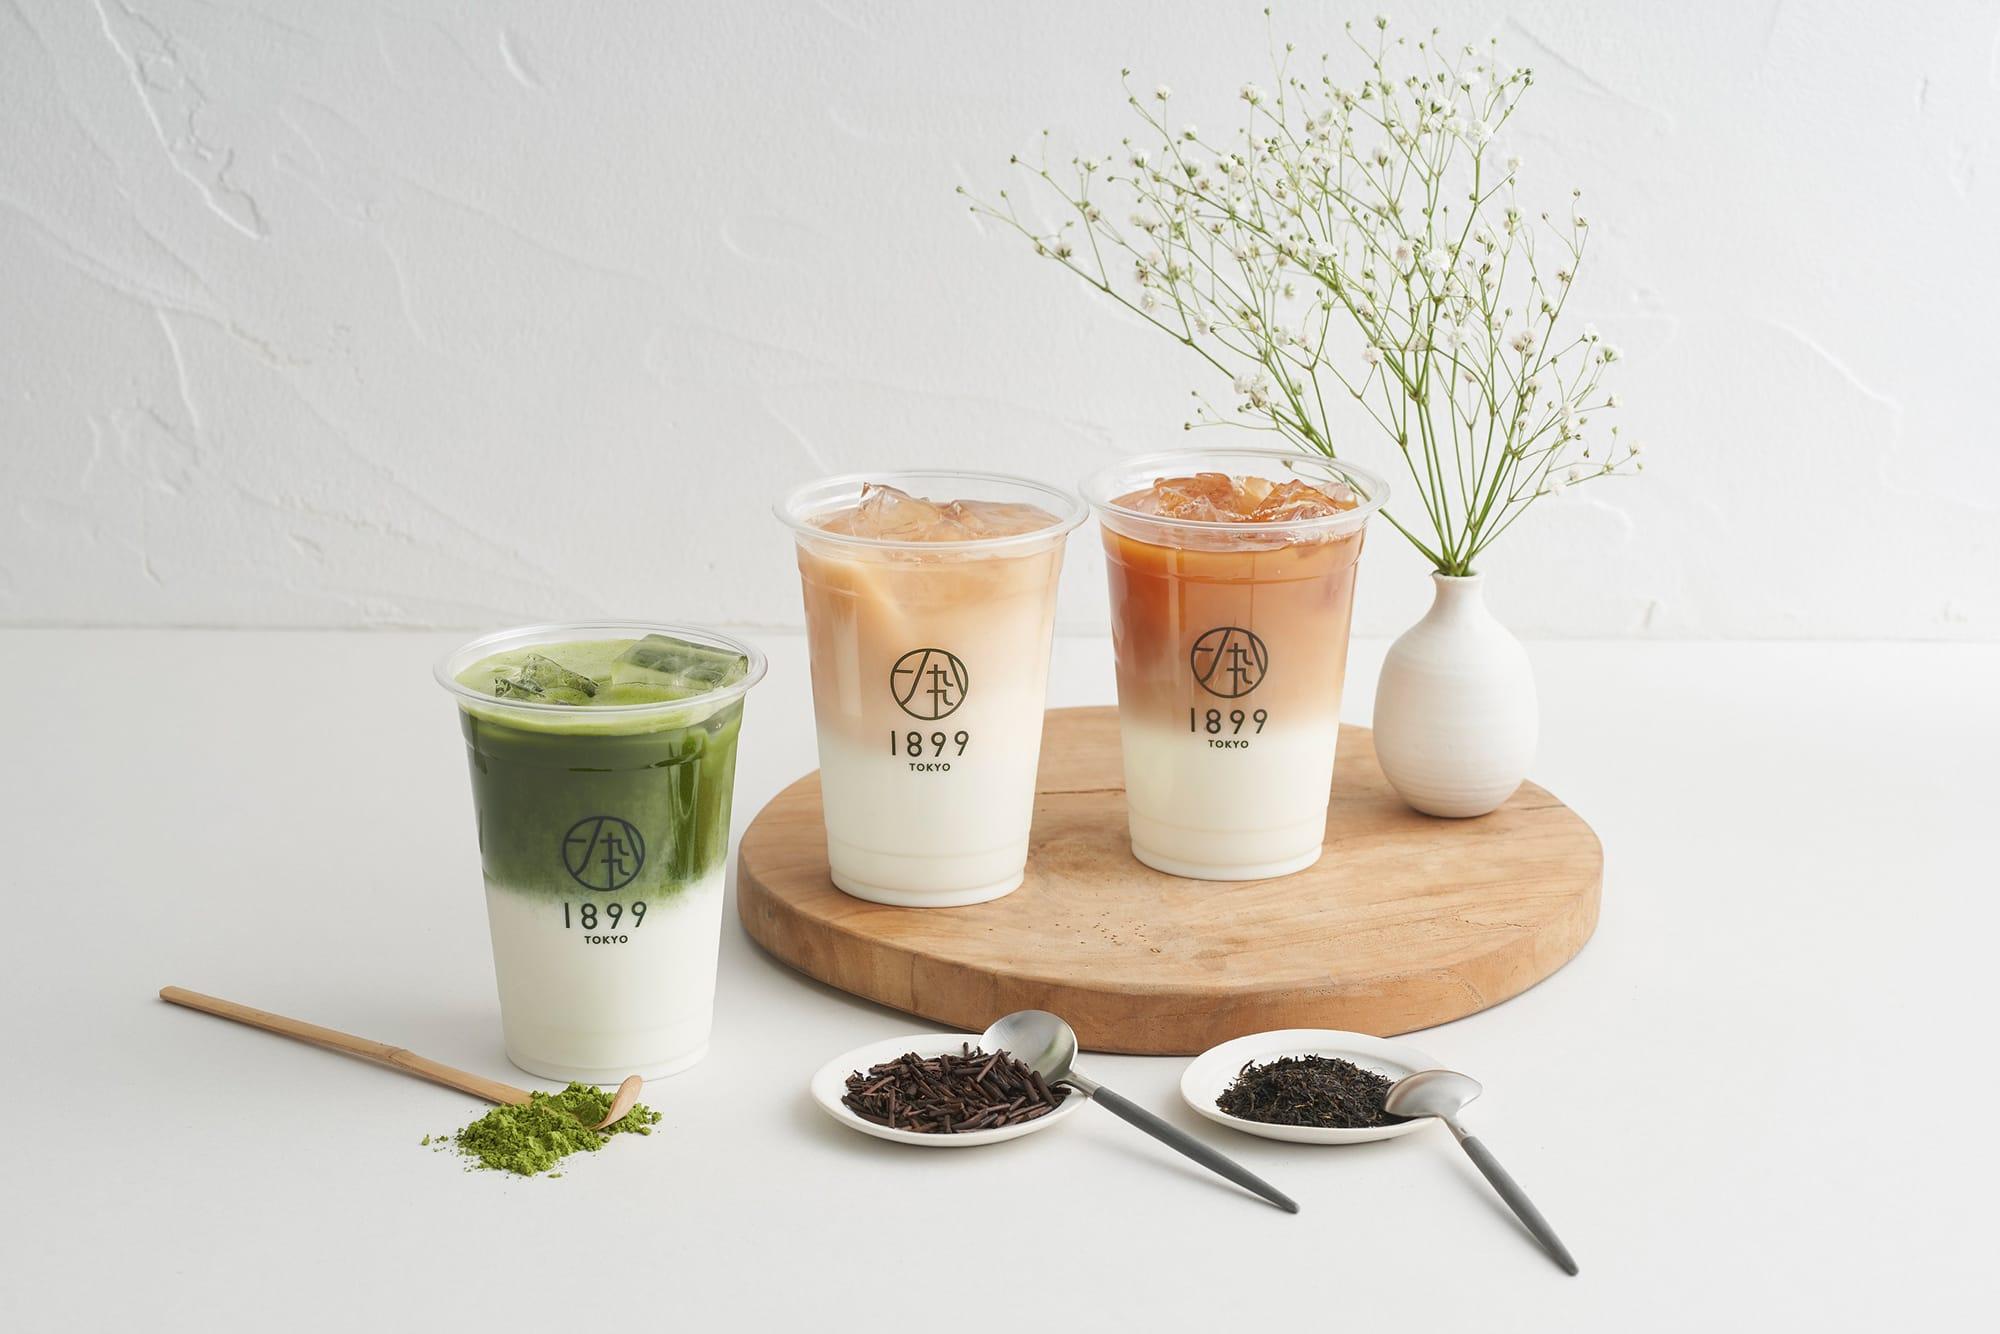 左から「濃茶ラテ」(600円〜)、「ほうじ茶ラテ(温/冷)」(500円)、「和紅茶ラテ(温/冷)」(500円)。「濃茶ラテ」は抹茶の量をお好みで注文できる。